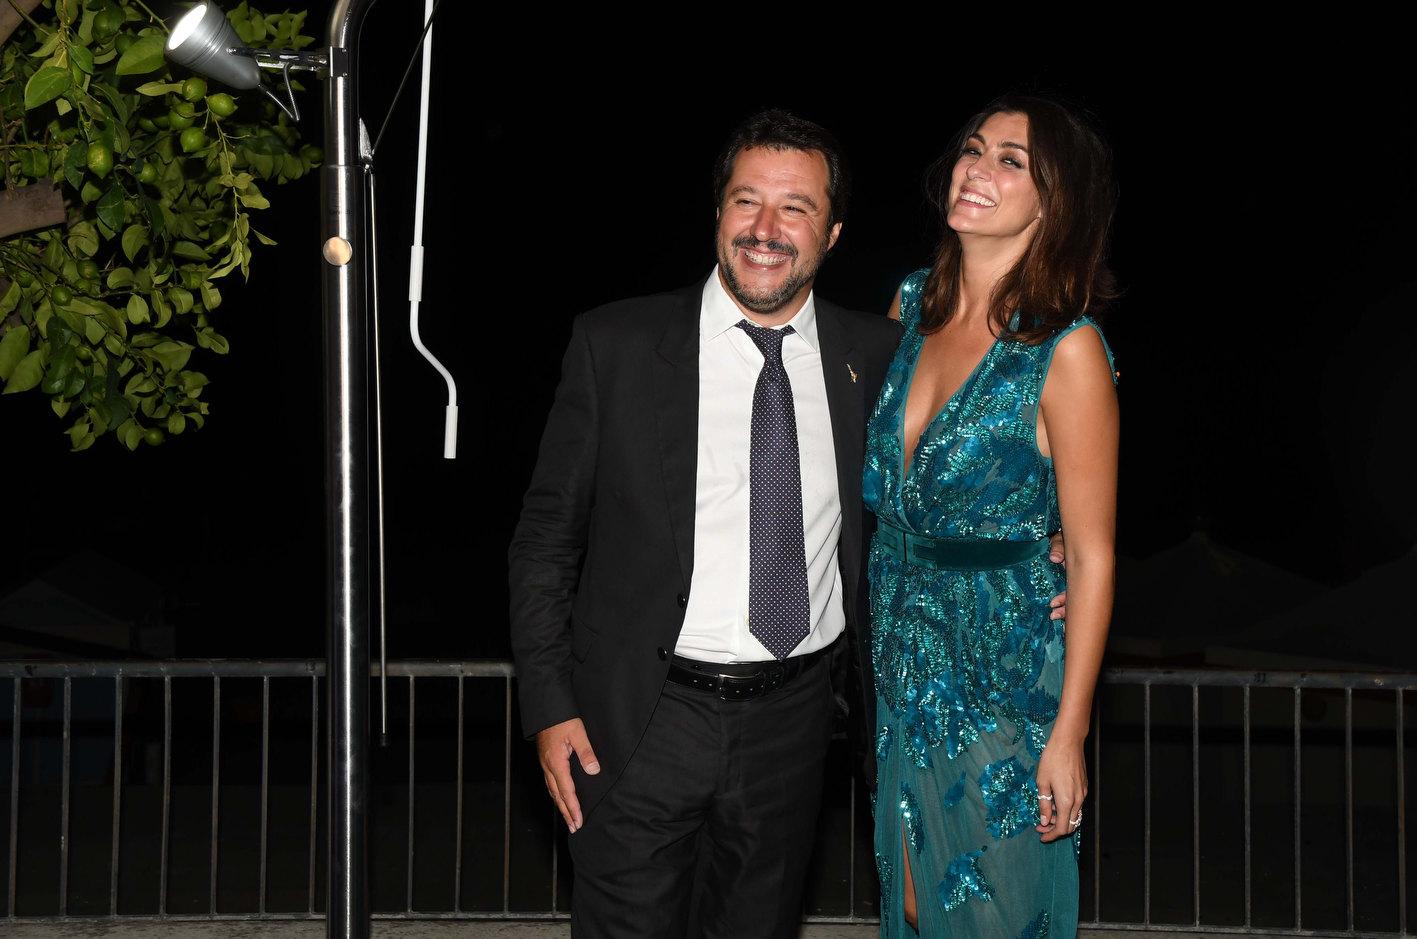 Salvini isoardi passerella da star e bagno di folla - Mostra del bagno srl ...